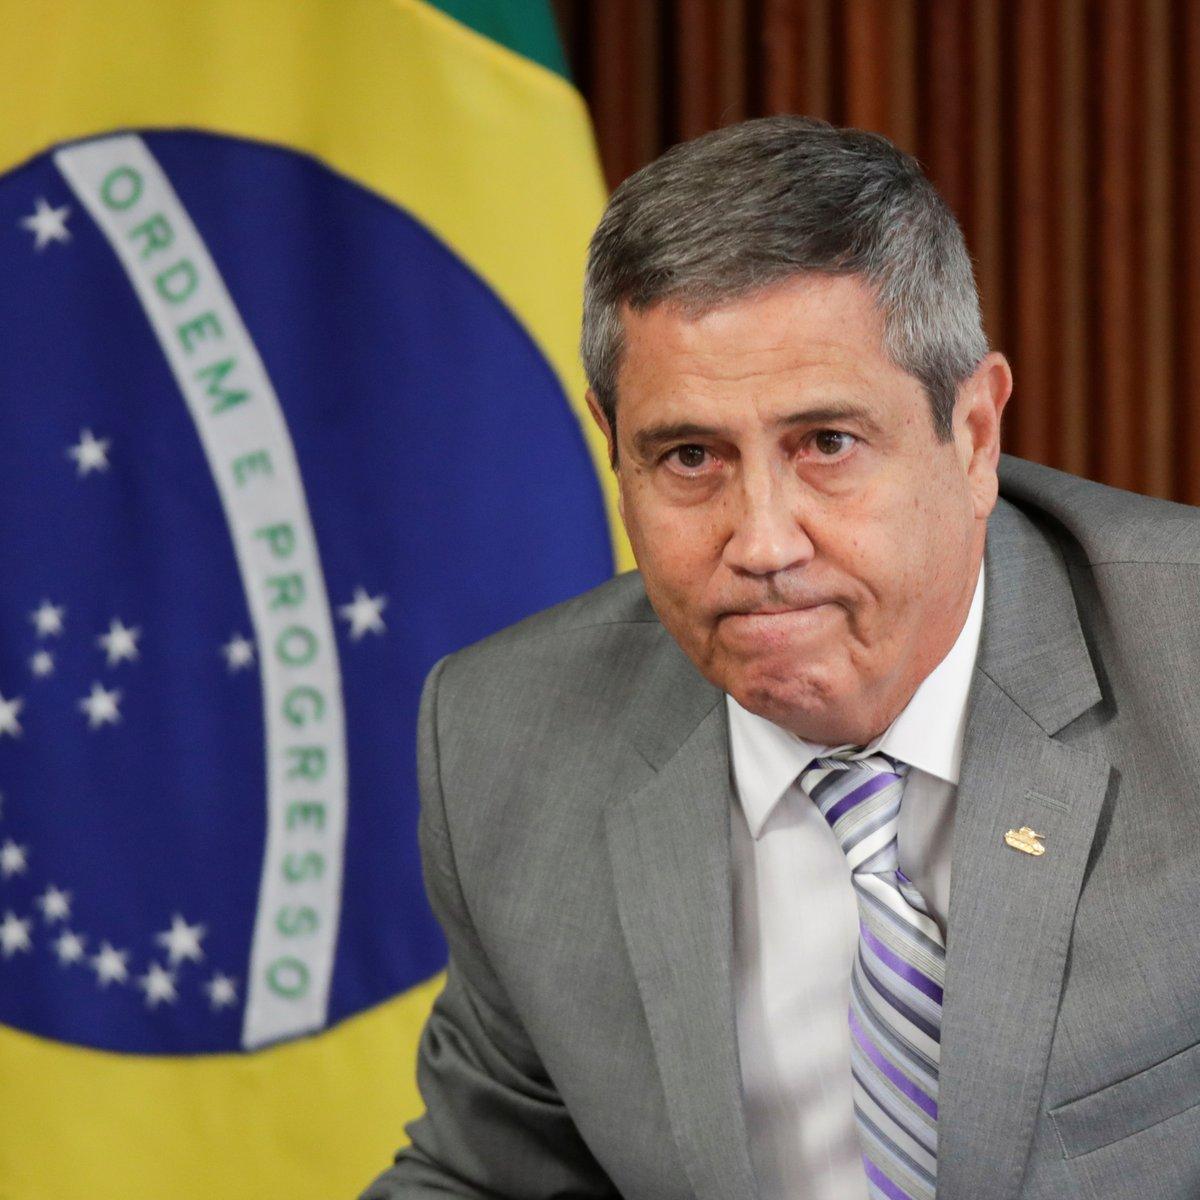 Parlamentares chamam ameaça de Netto de 'tentativa de golpe'